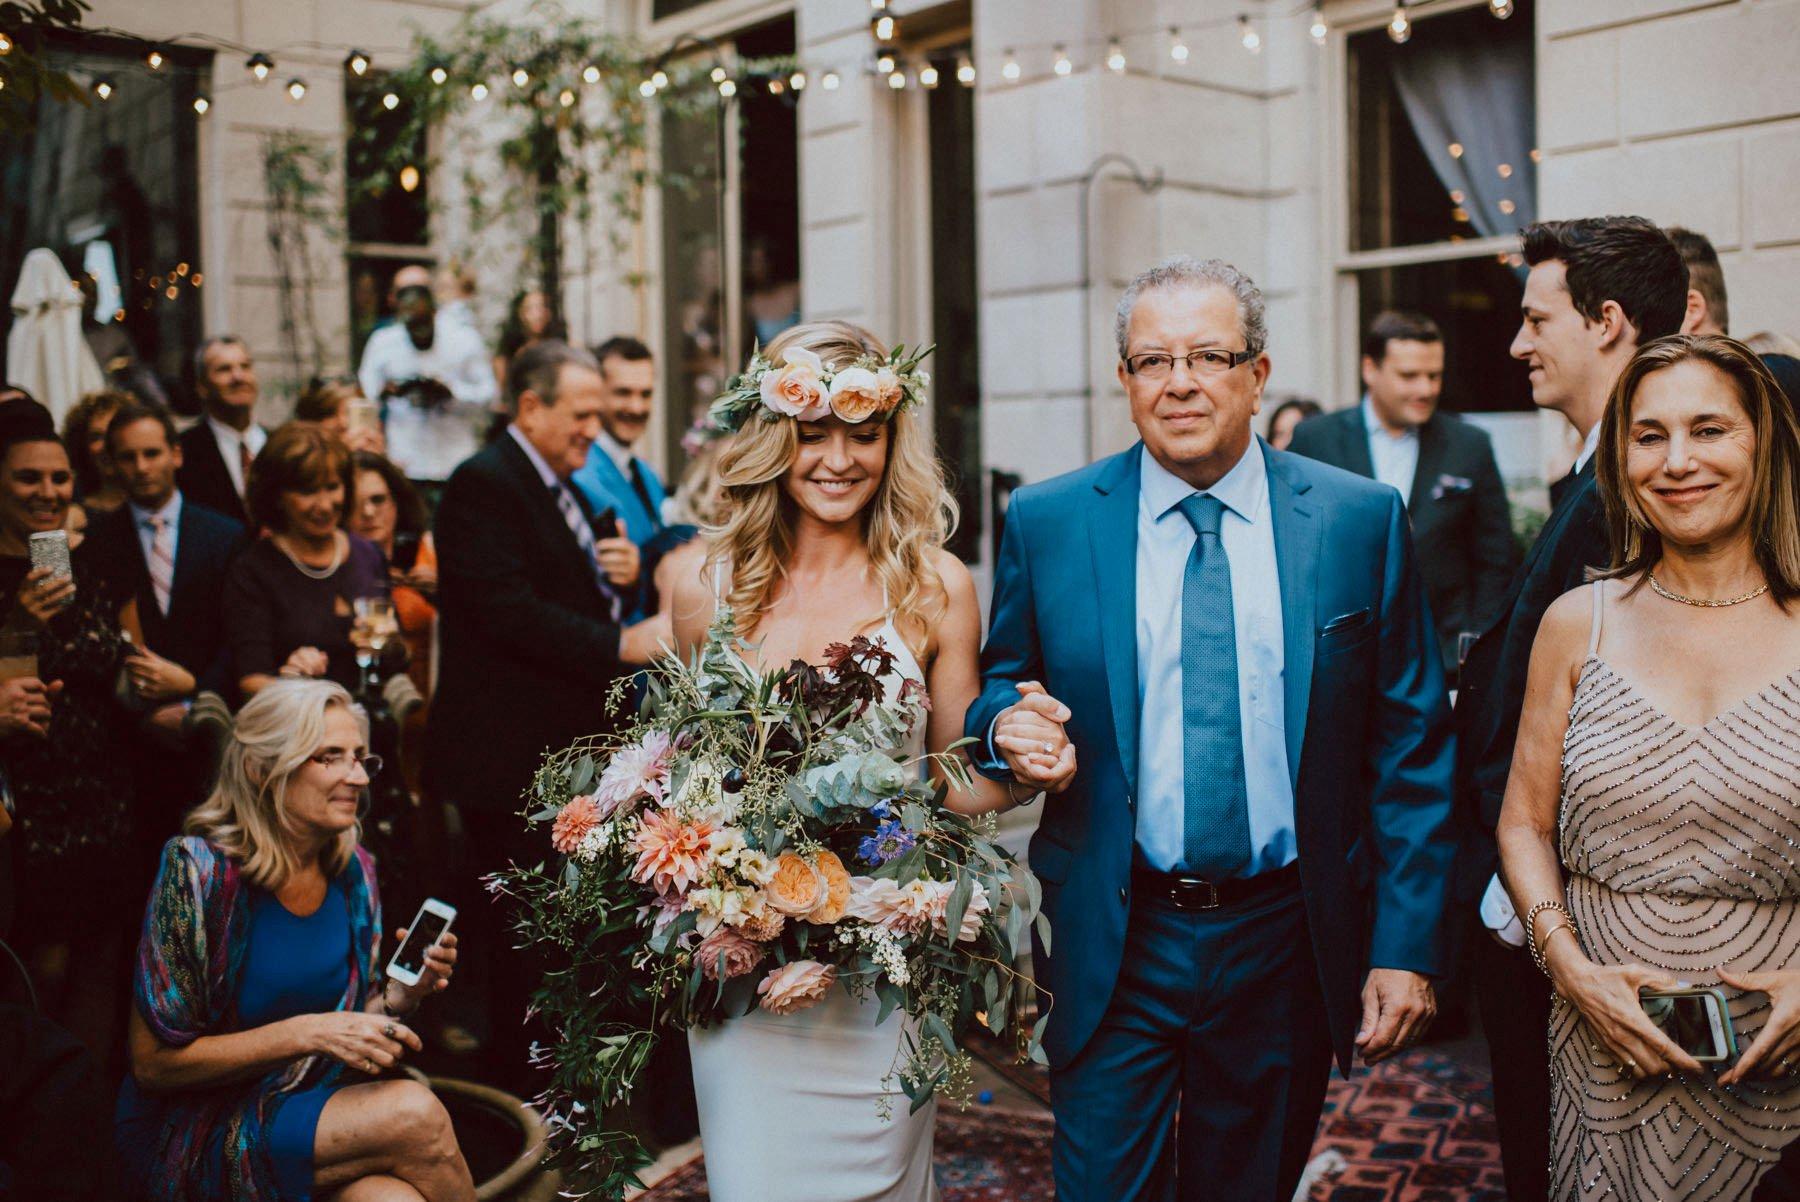 la-cheri-philadelphia-wedding-49.jpg